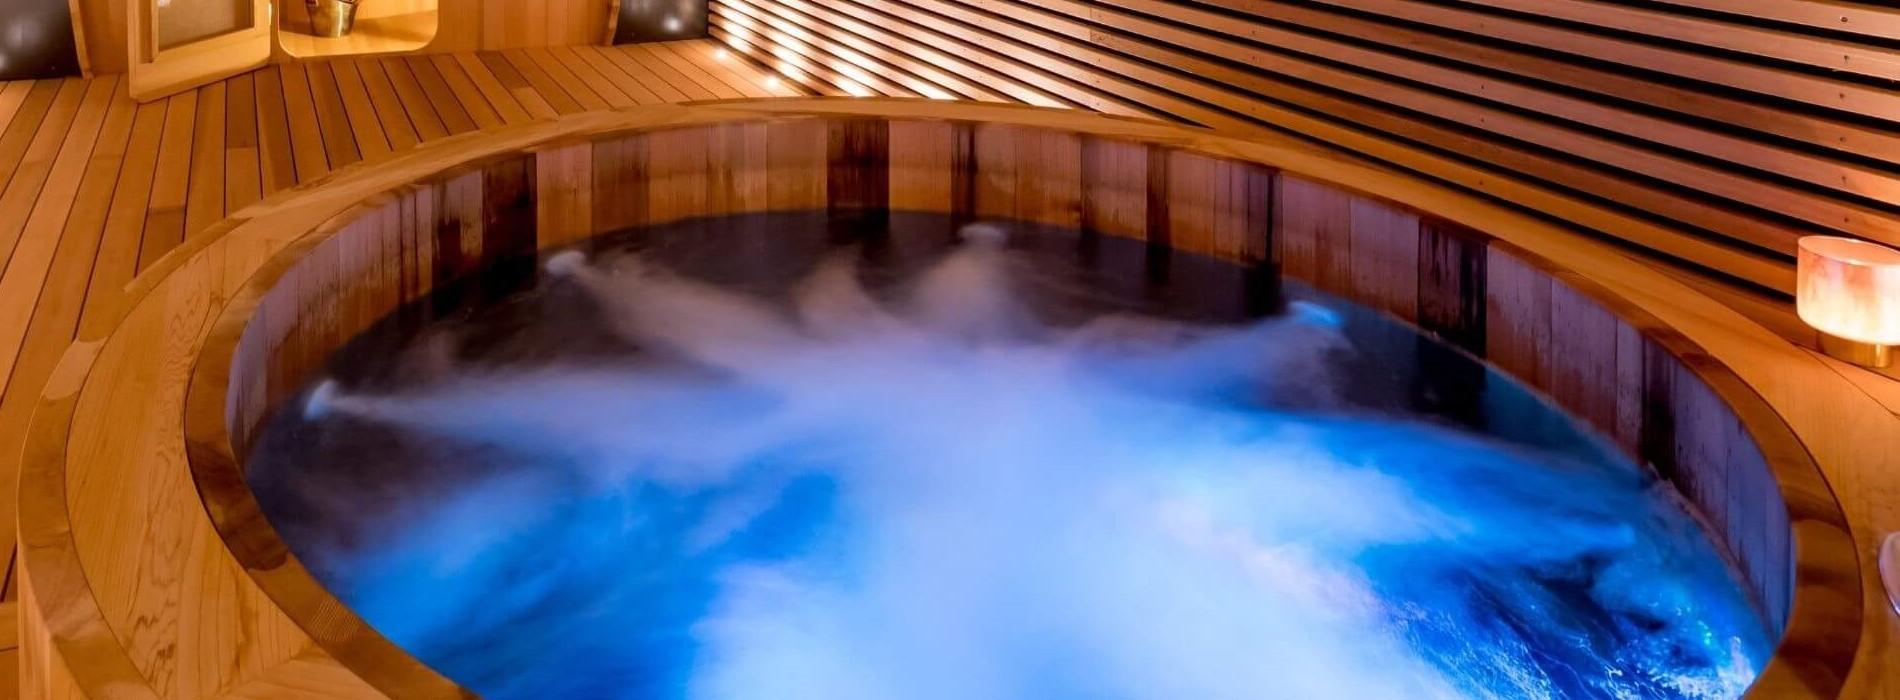 Salle De Bain Japonaise France obiozz bain nordique